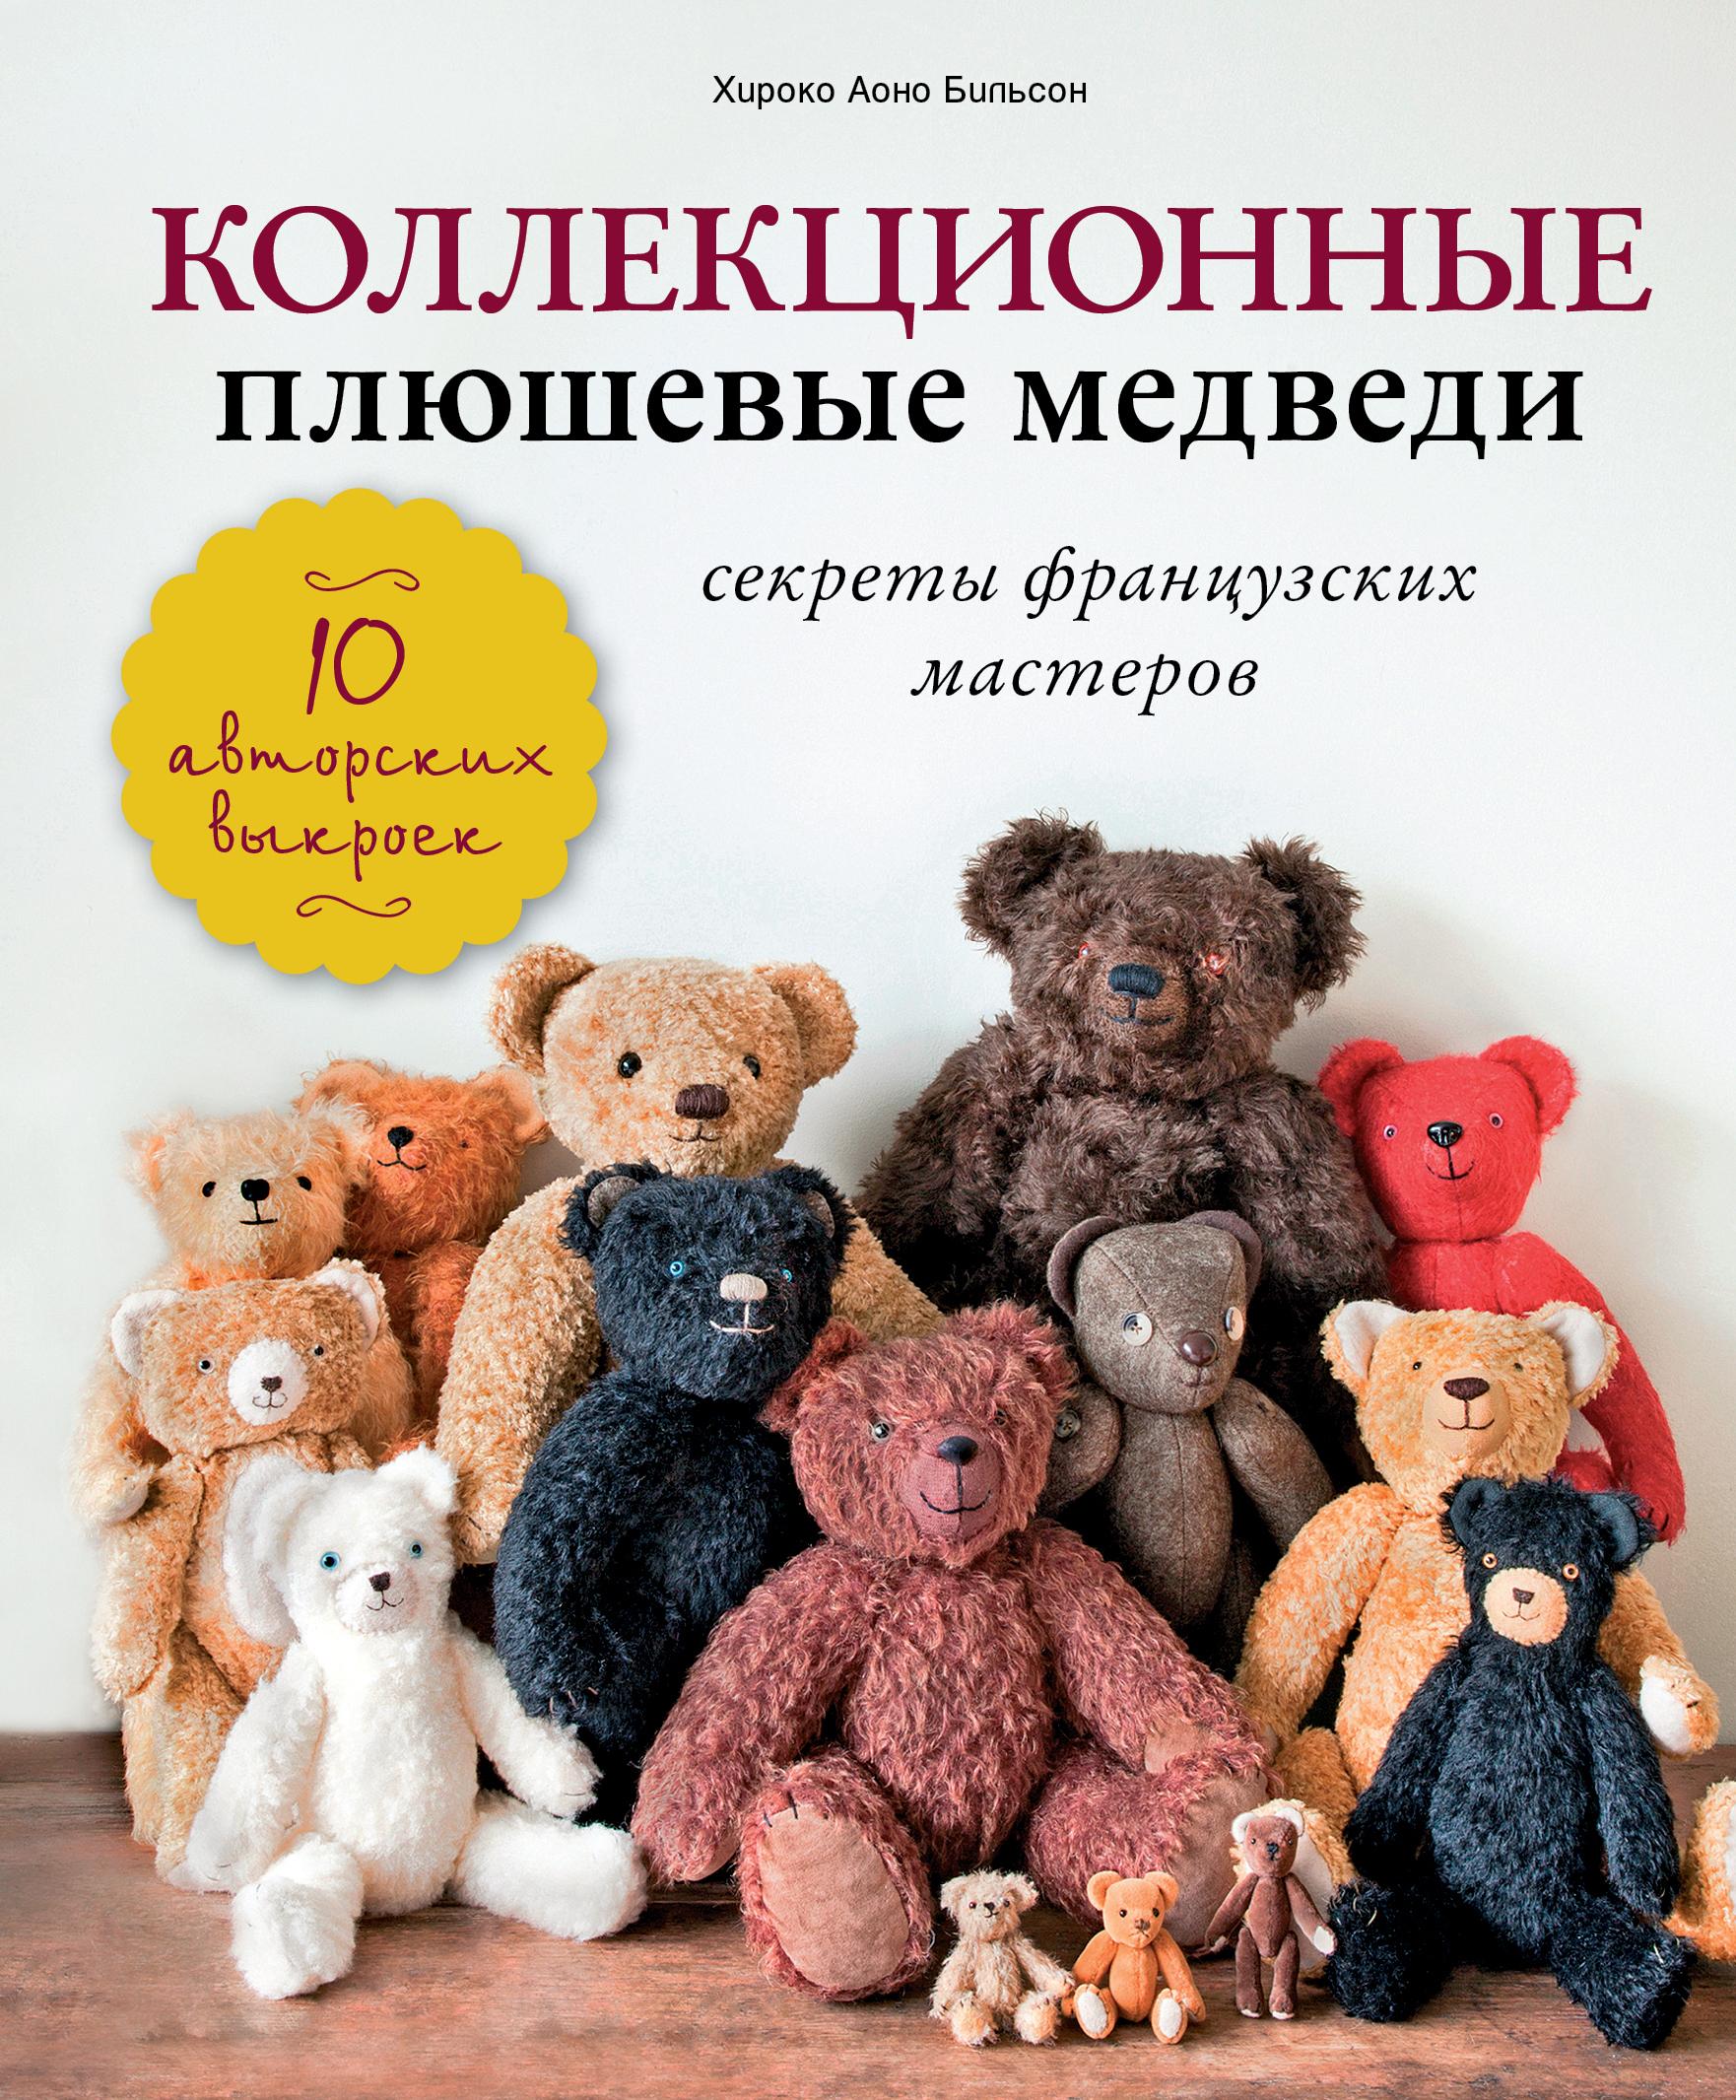 Коллекционные плюшевые медведи: секреты французских мастеров ( Аоно Билльсон Х.  )